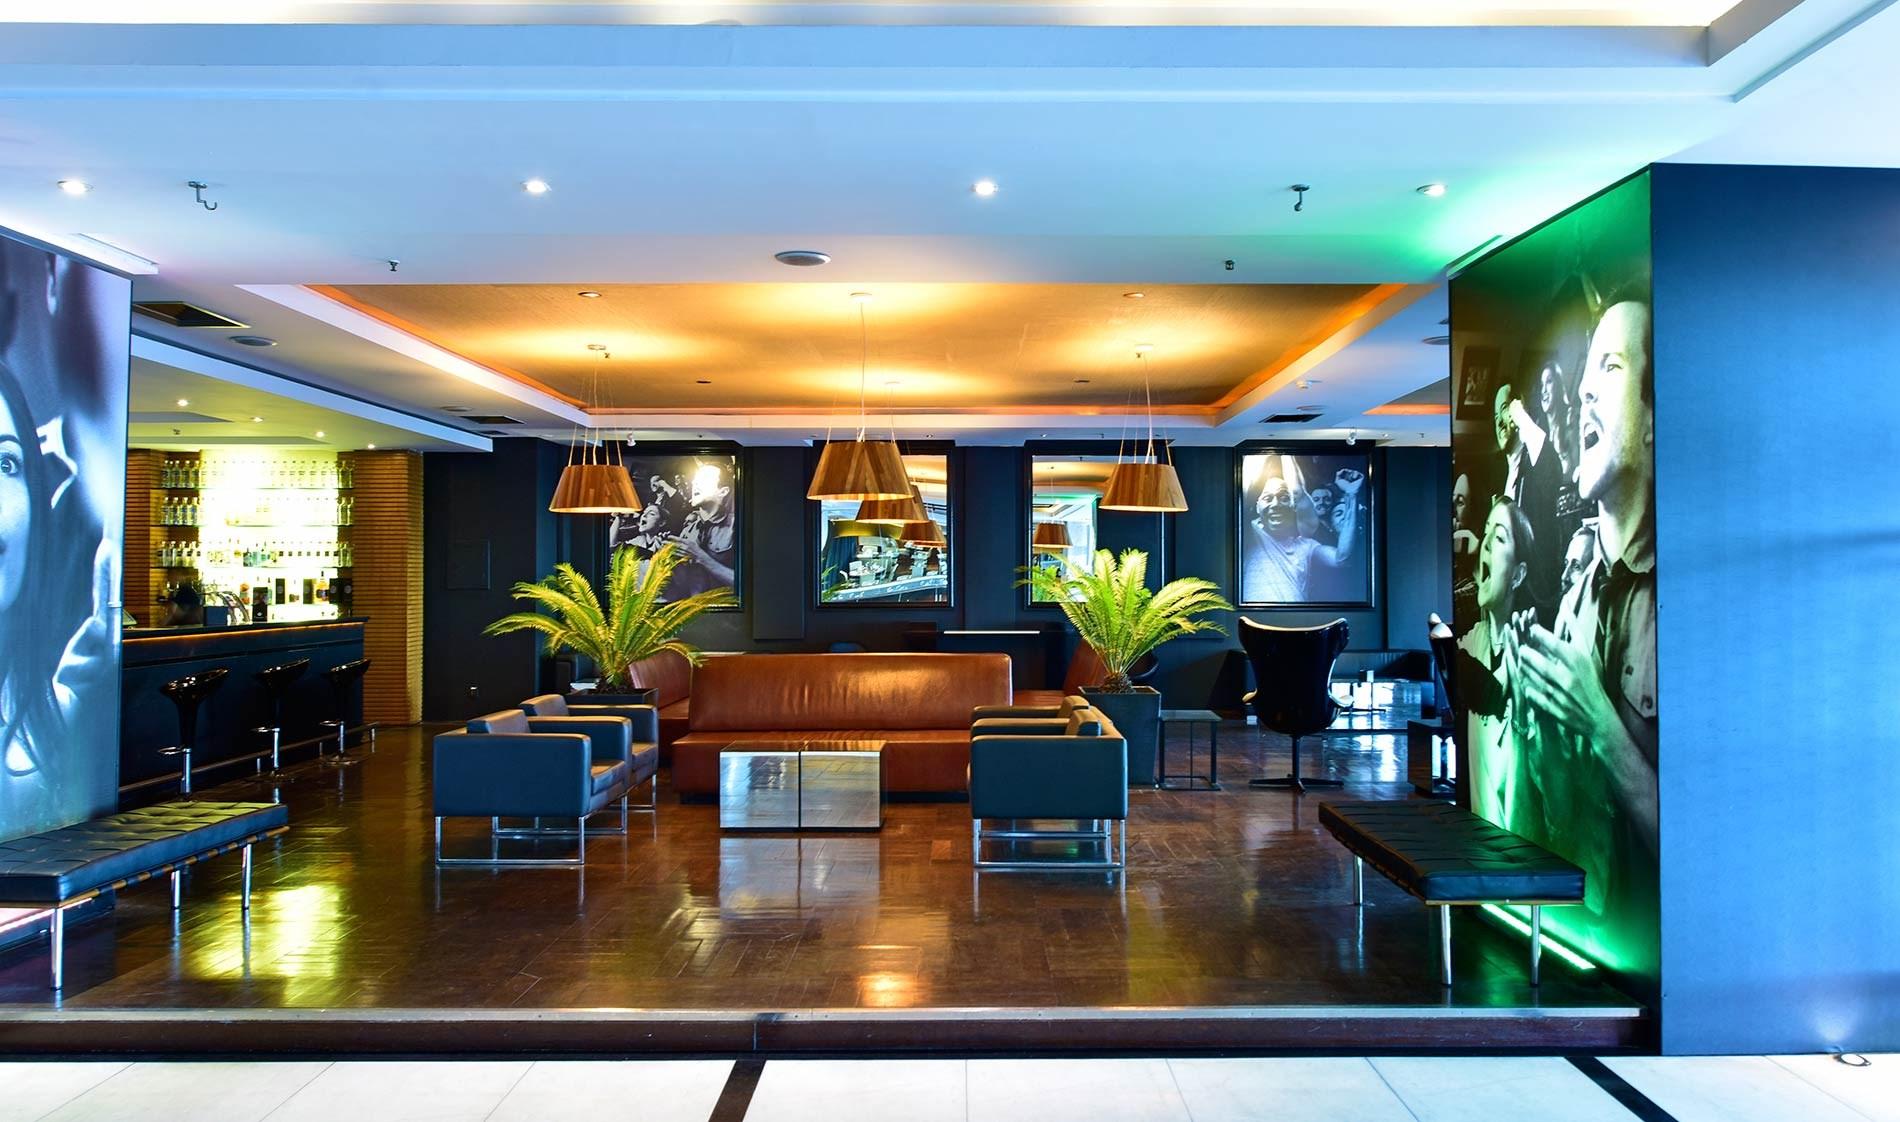 pestana-rio-atlantica-lobby-bar